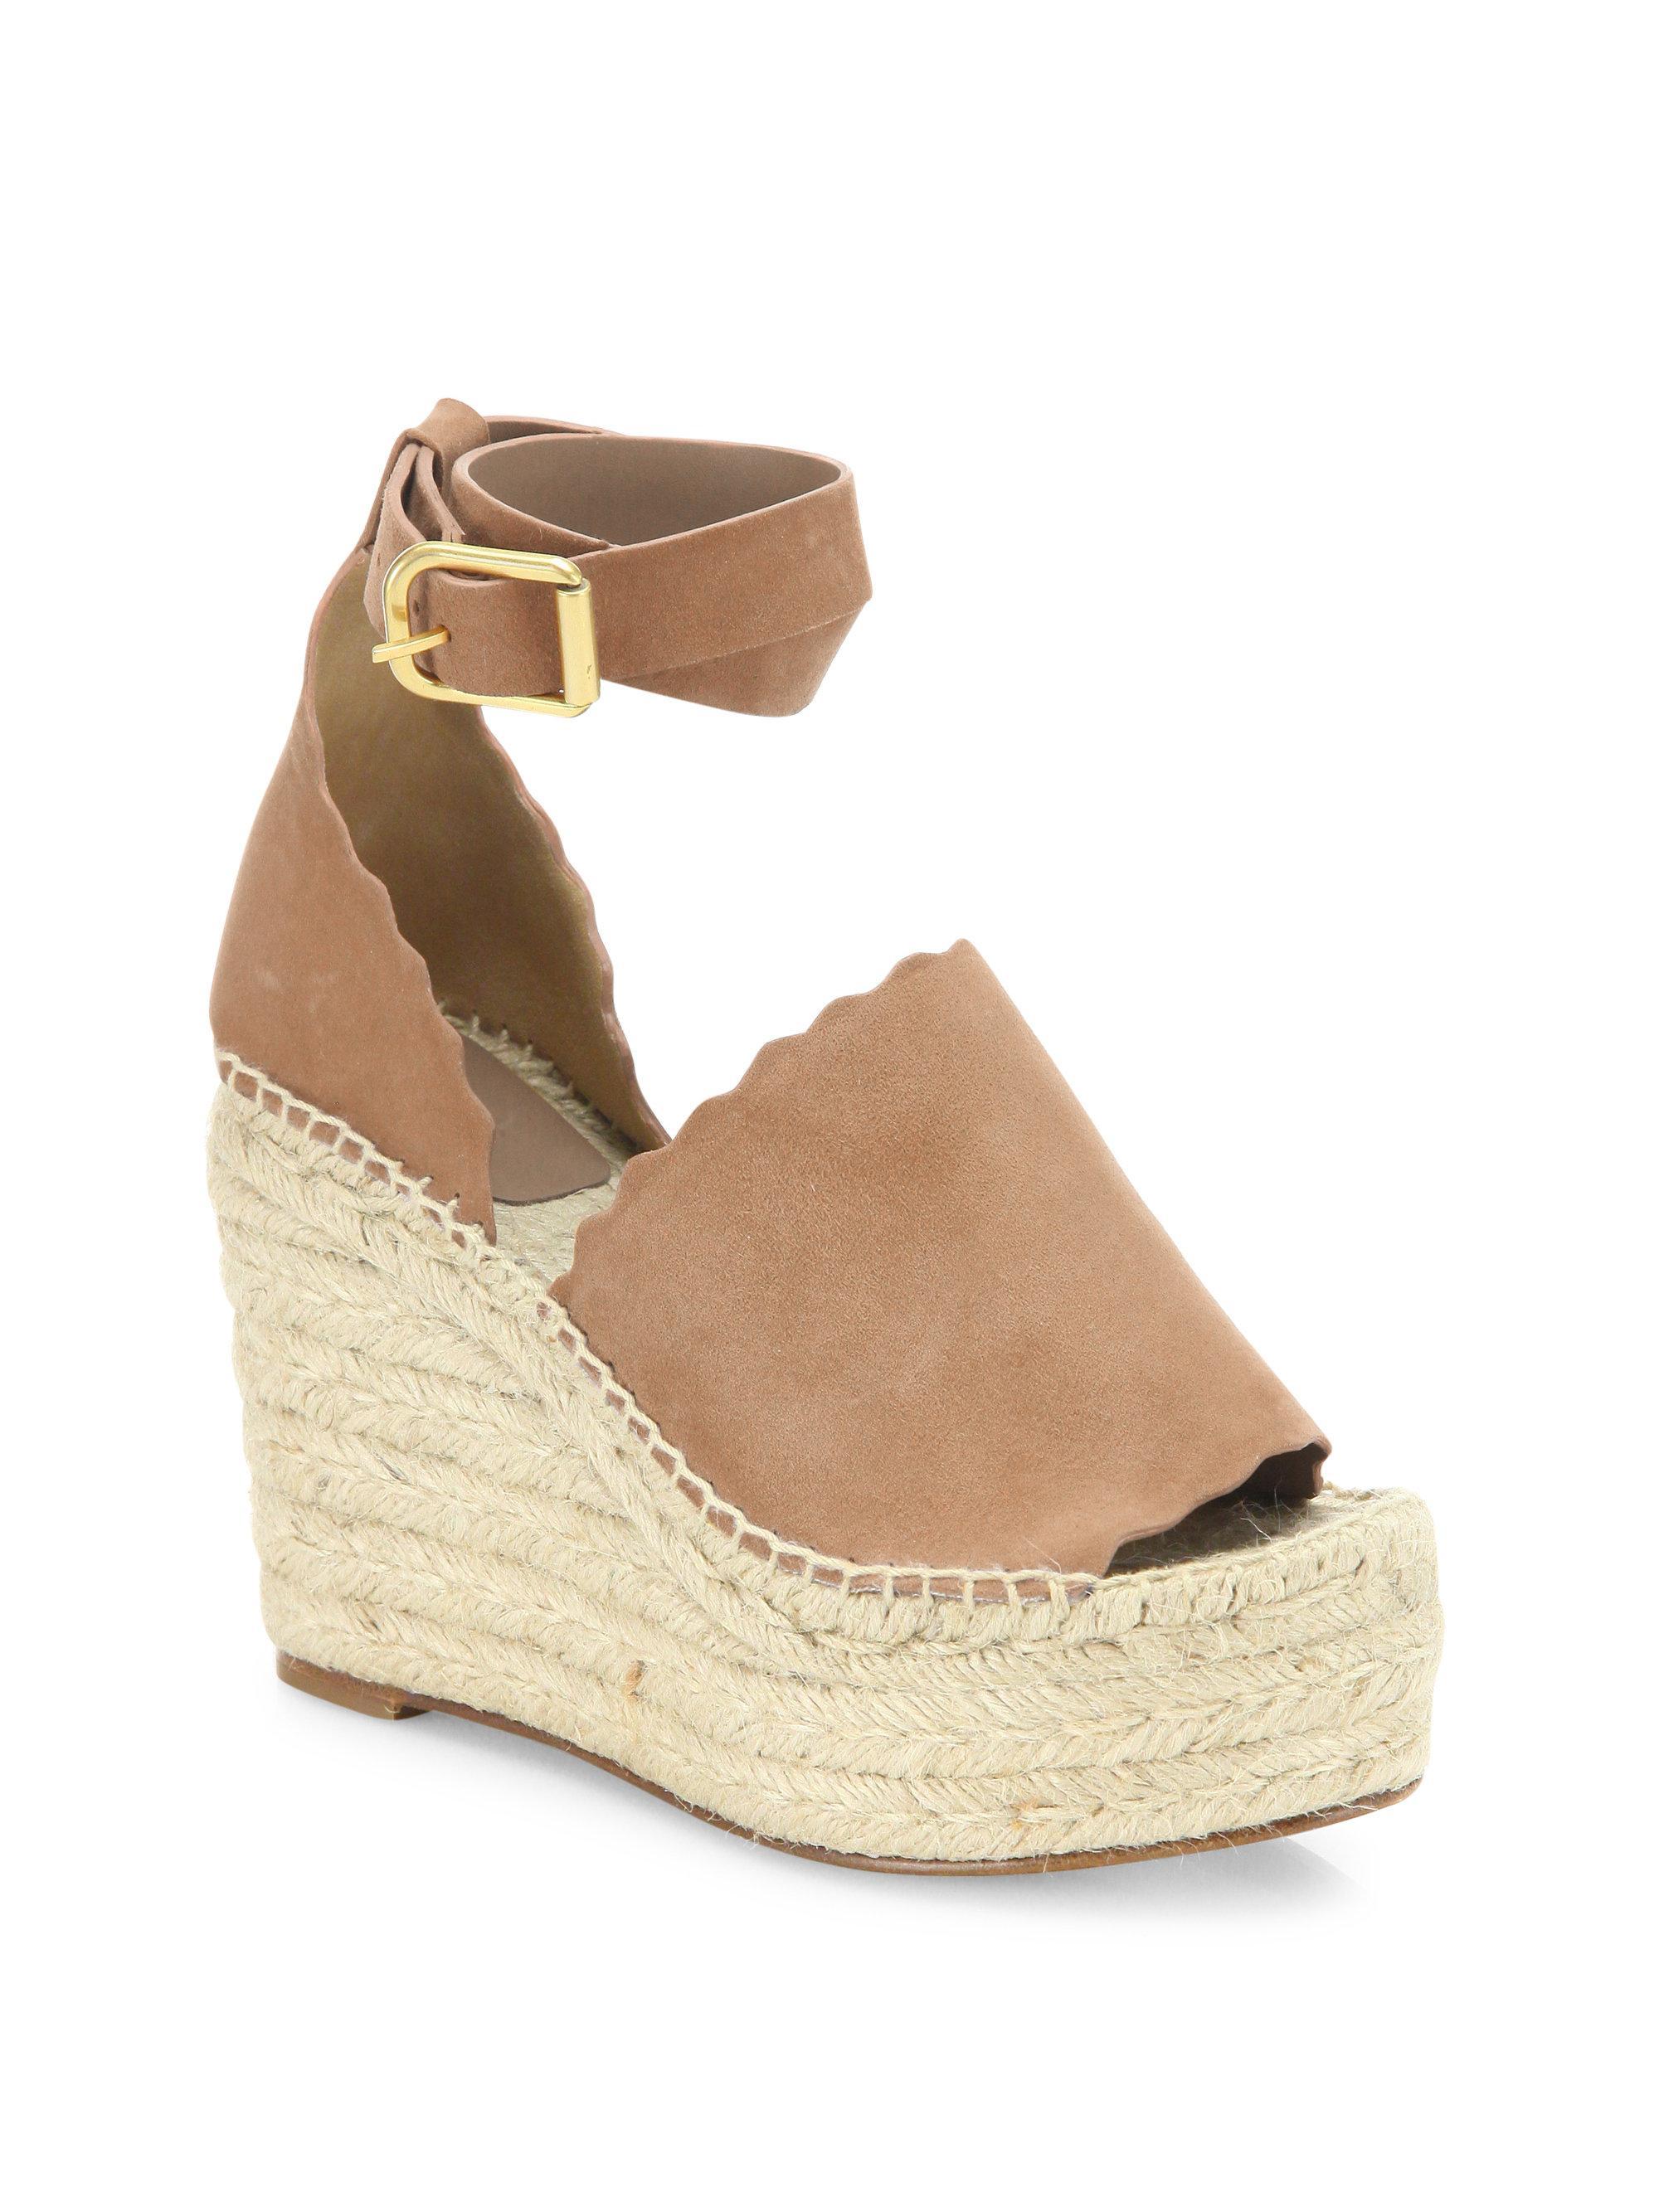 ac4461e6c40 Chloé. Women s Natural Lauren Suede Ankle-strap Espadrille Wedge Sandals